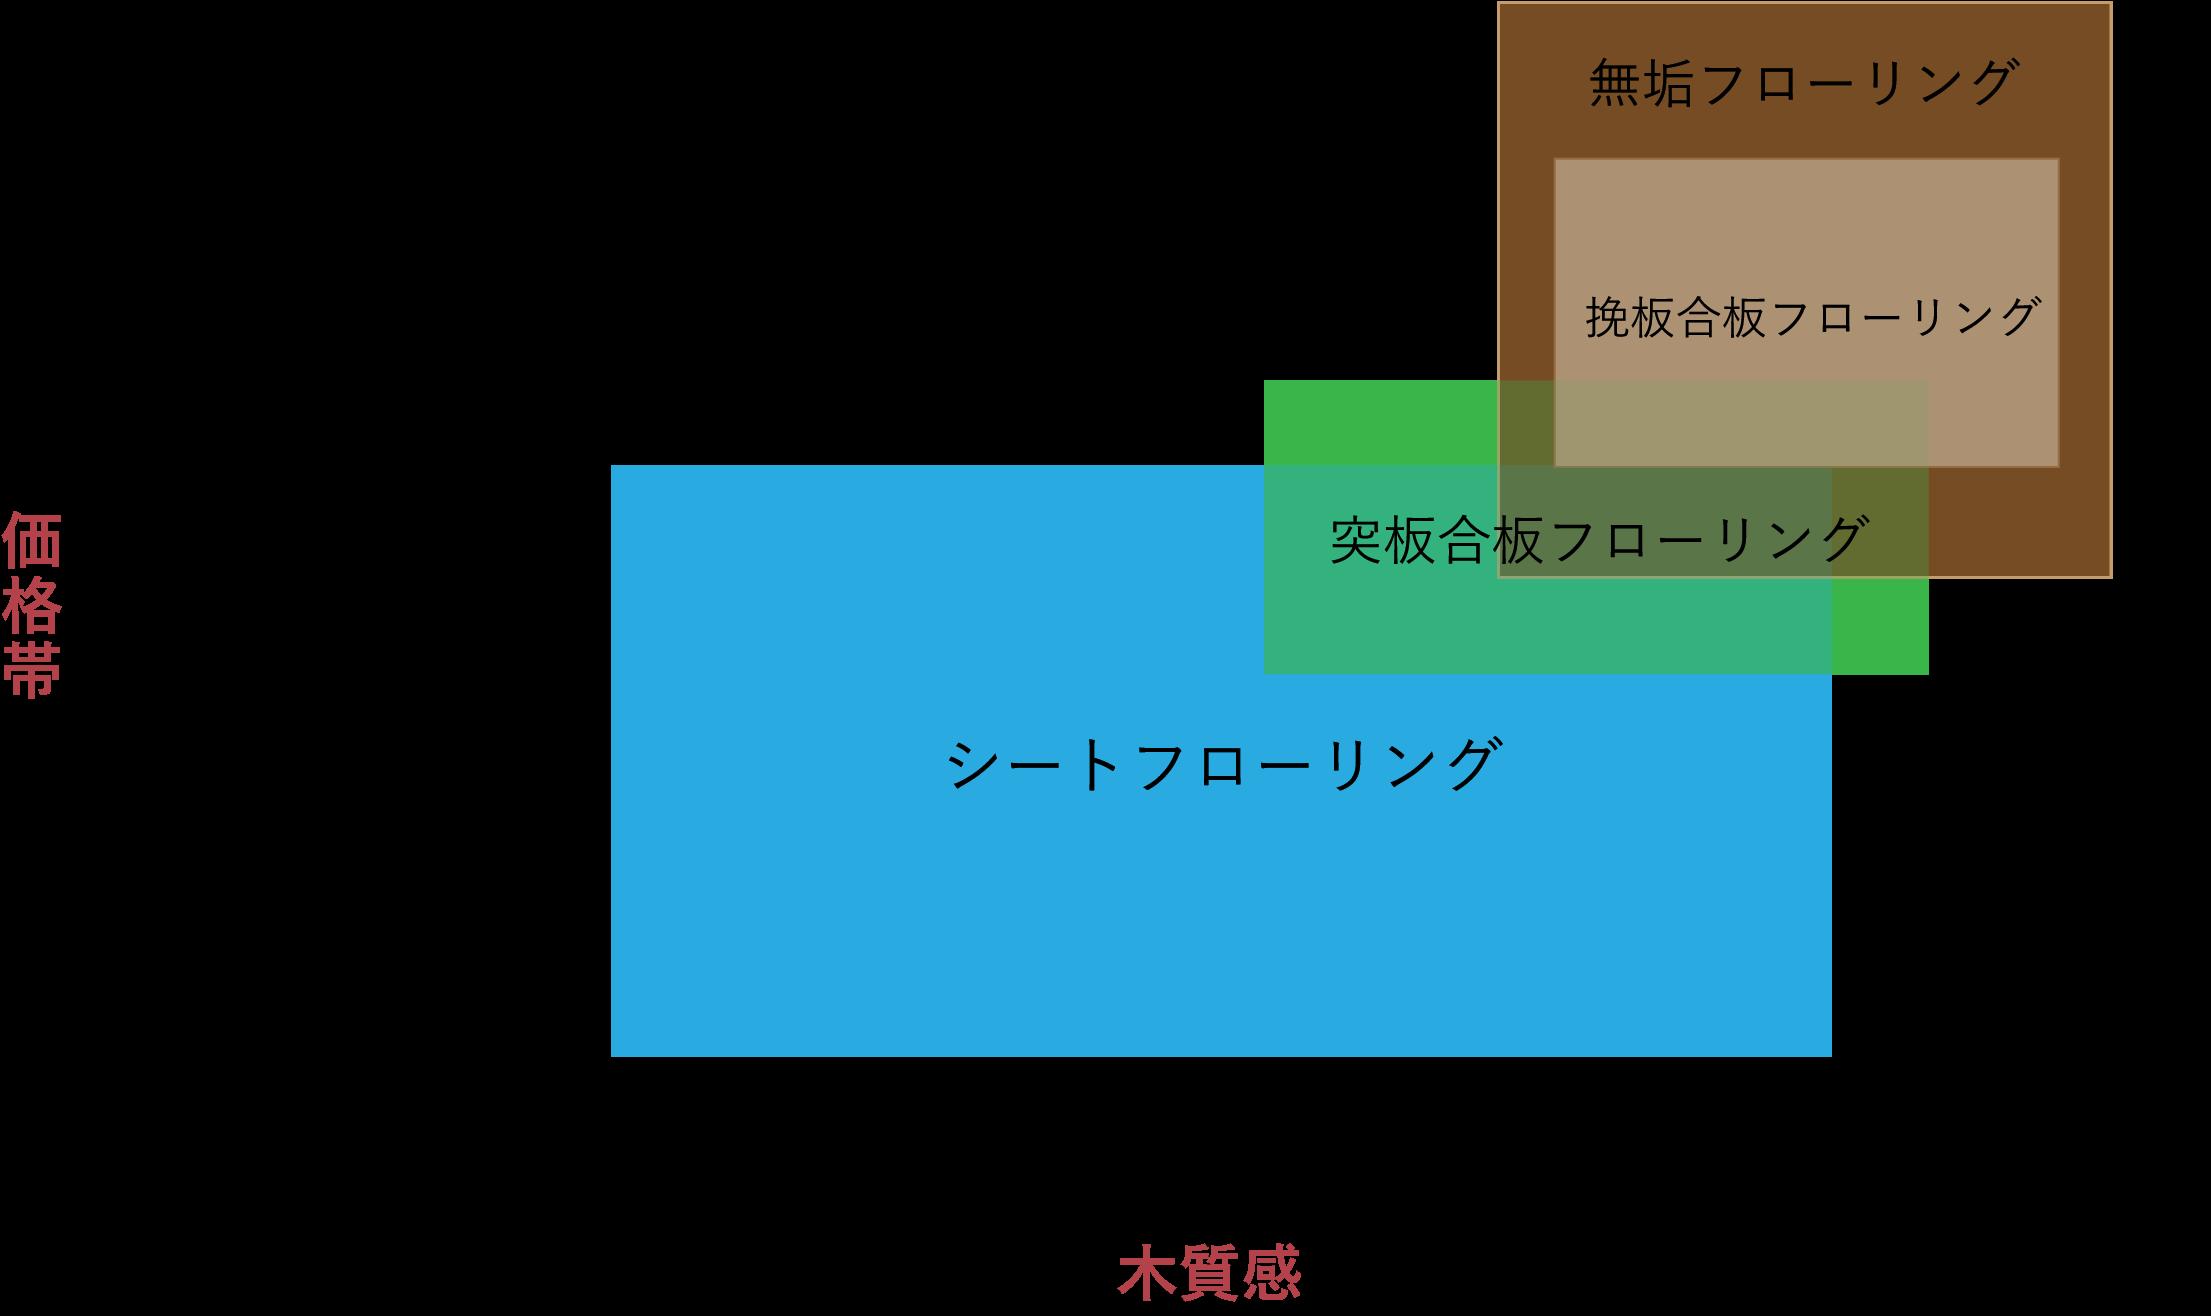 フローリング材の木質感と価格帯のイメージ図